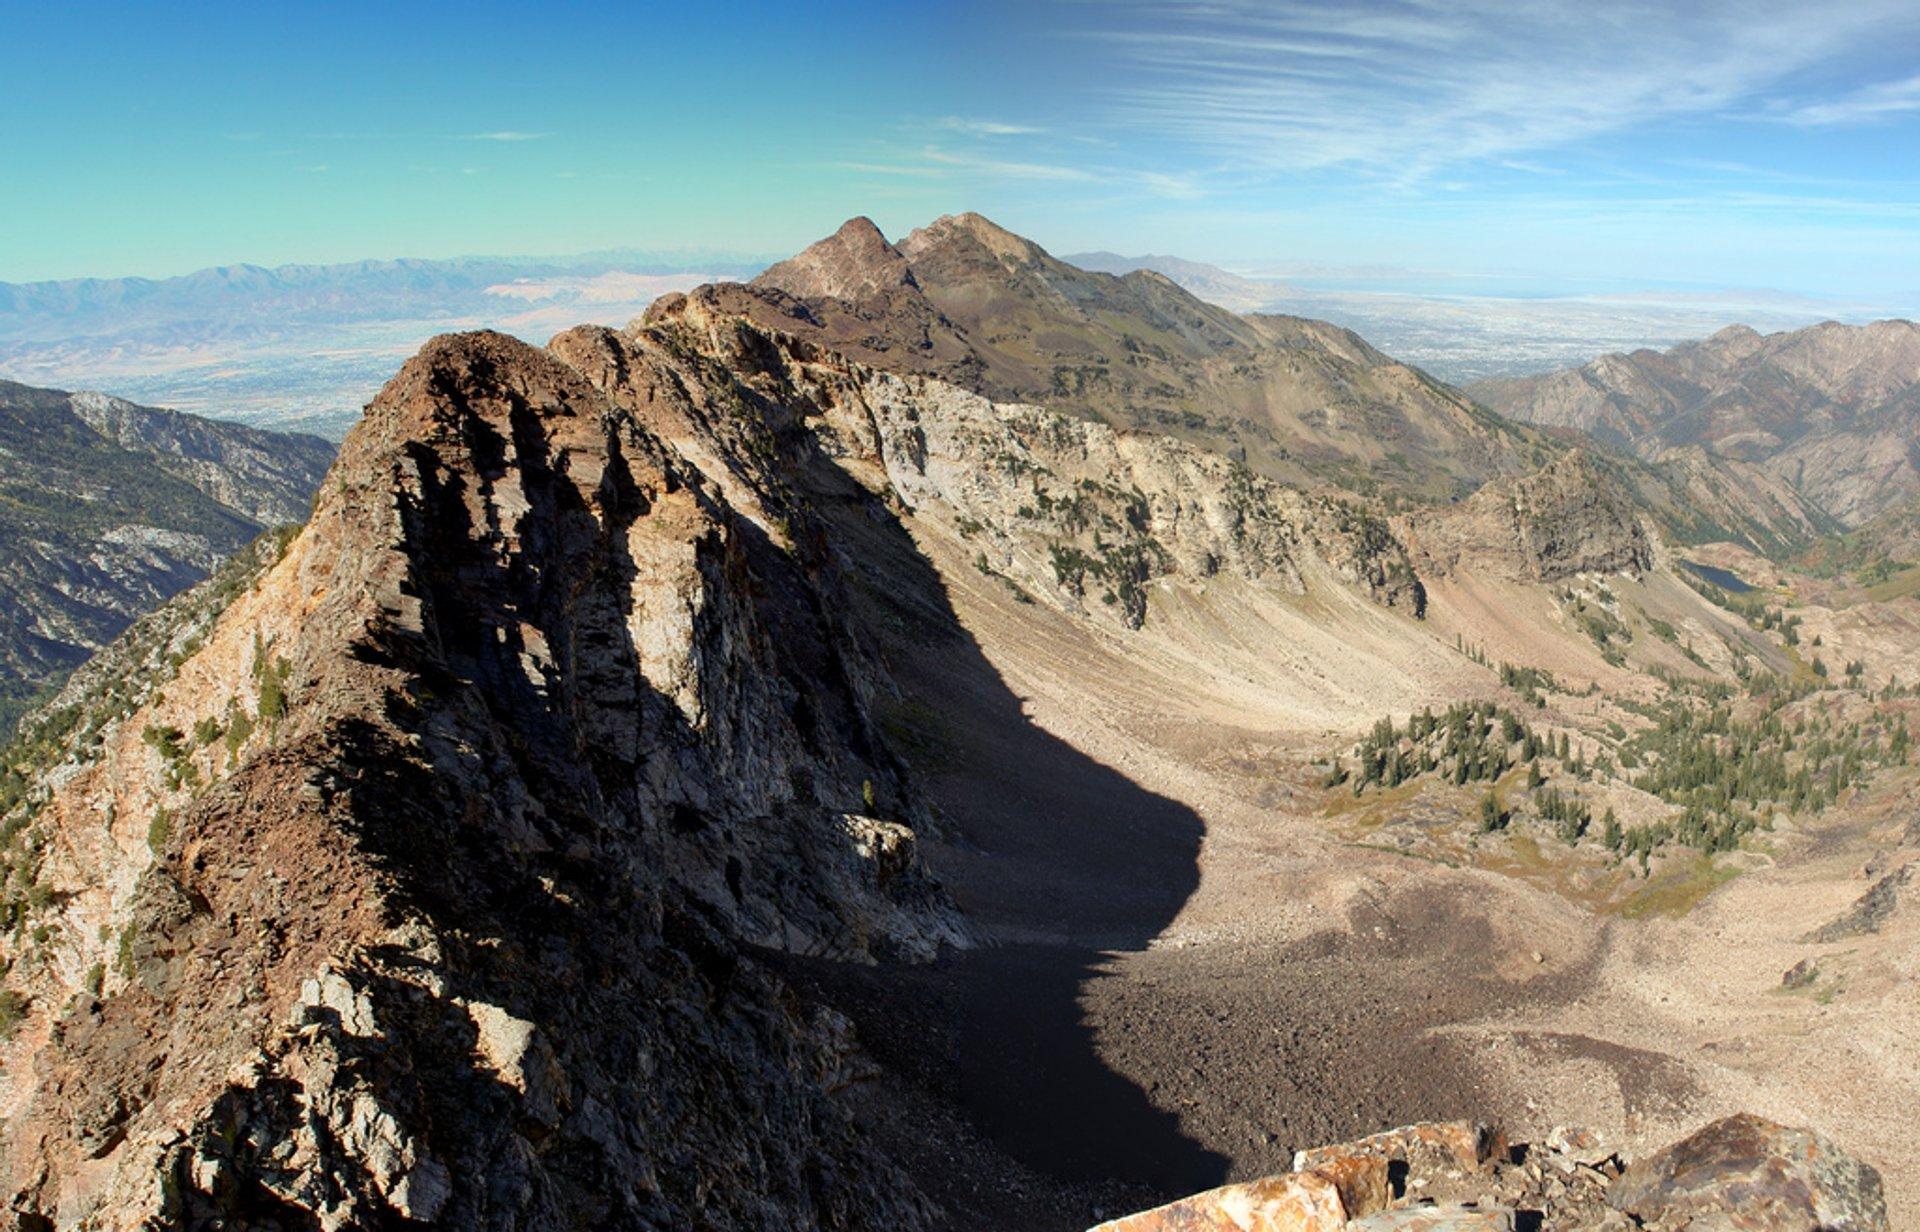 Mount Superior & Monte Cristo in Utah 2019 - Best Time